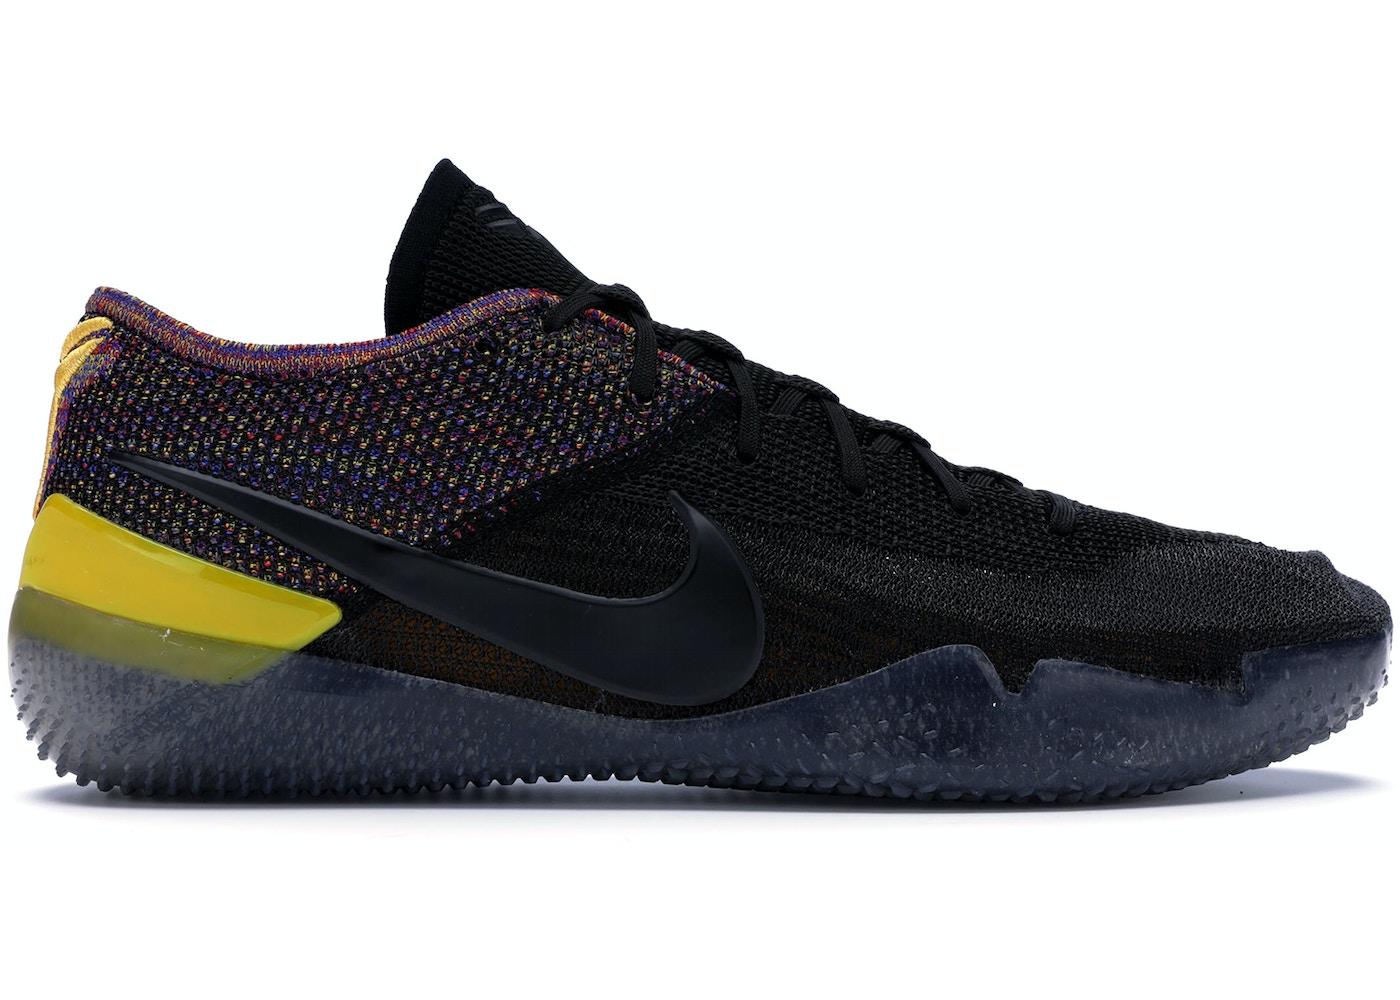 fa39ed53f14 Buy Nike Kobe Shoes   Deadstock Sneakers